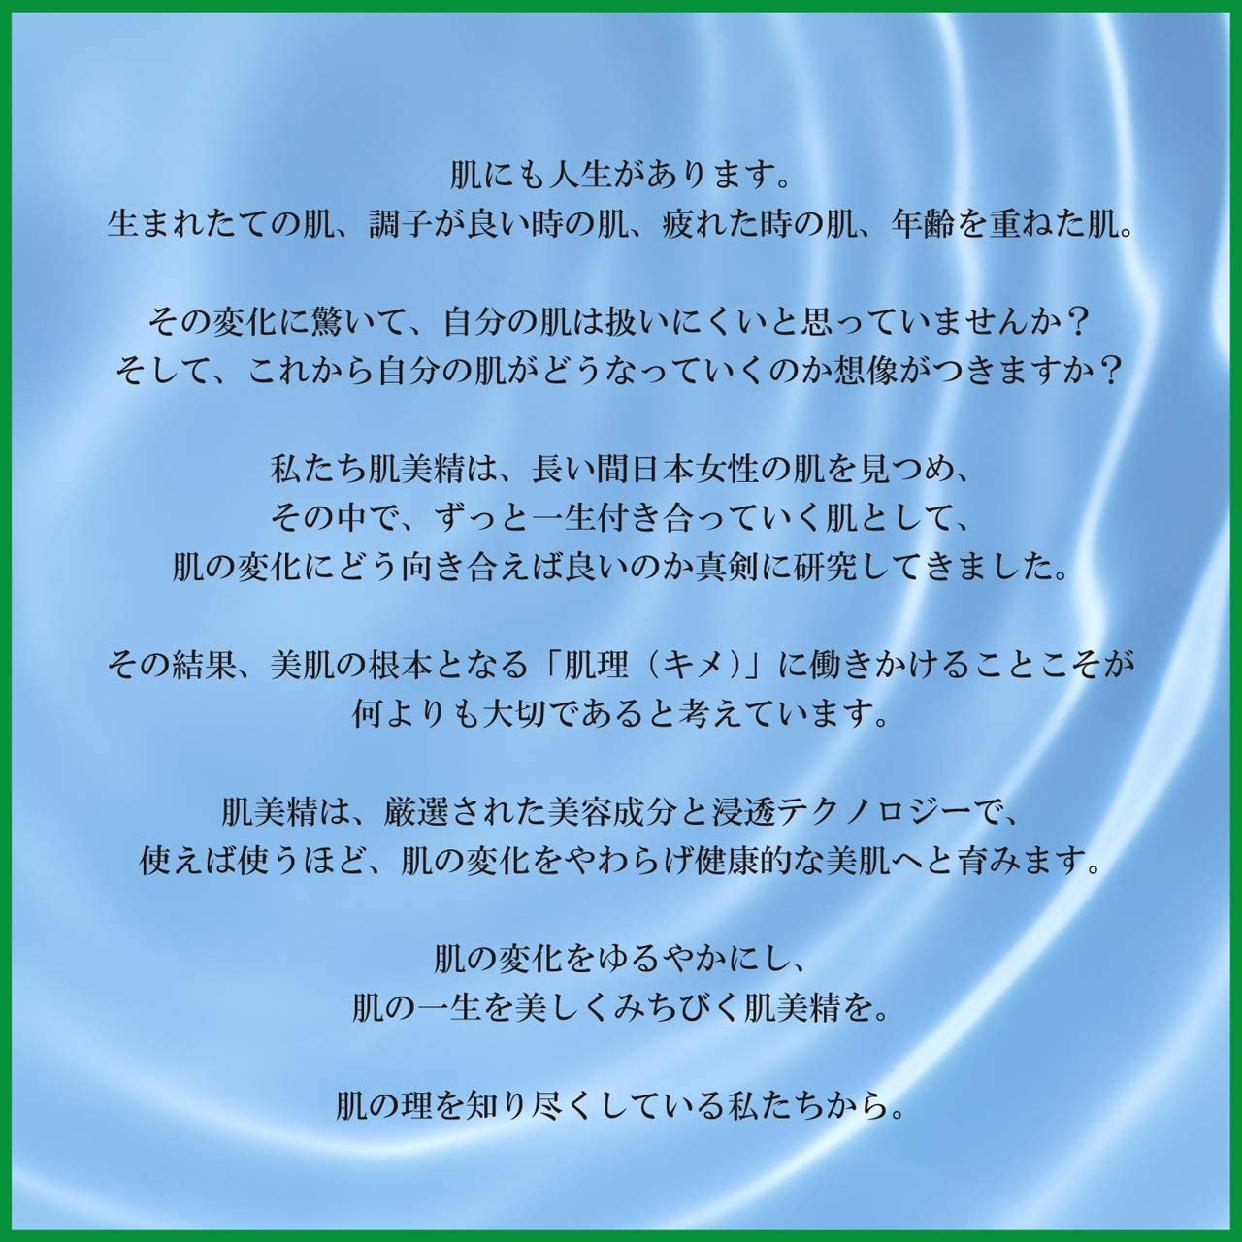 肌美精(HADABISEI) 大人のニキビ対策 薬用美白化粧水の商品画像7